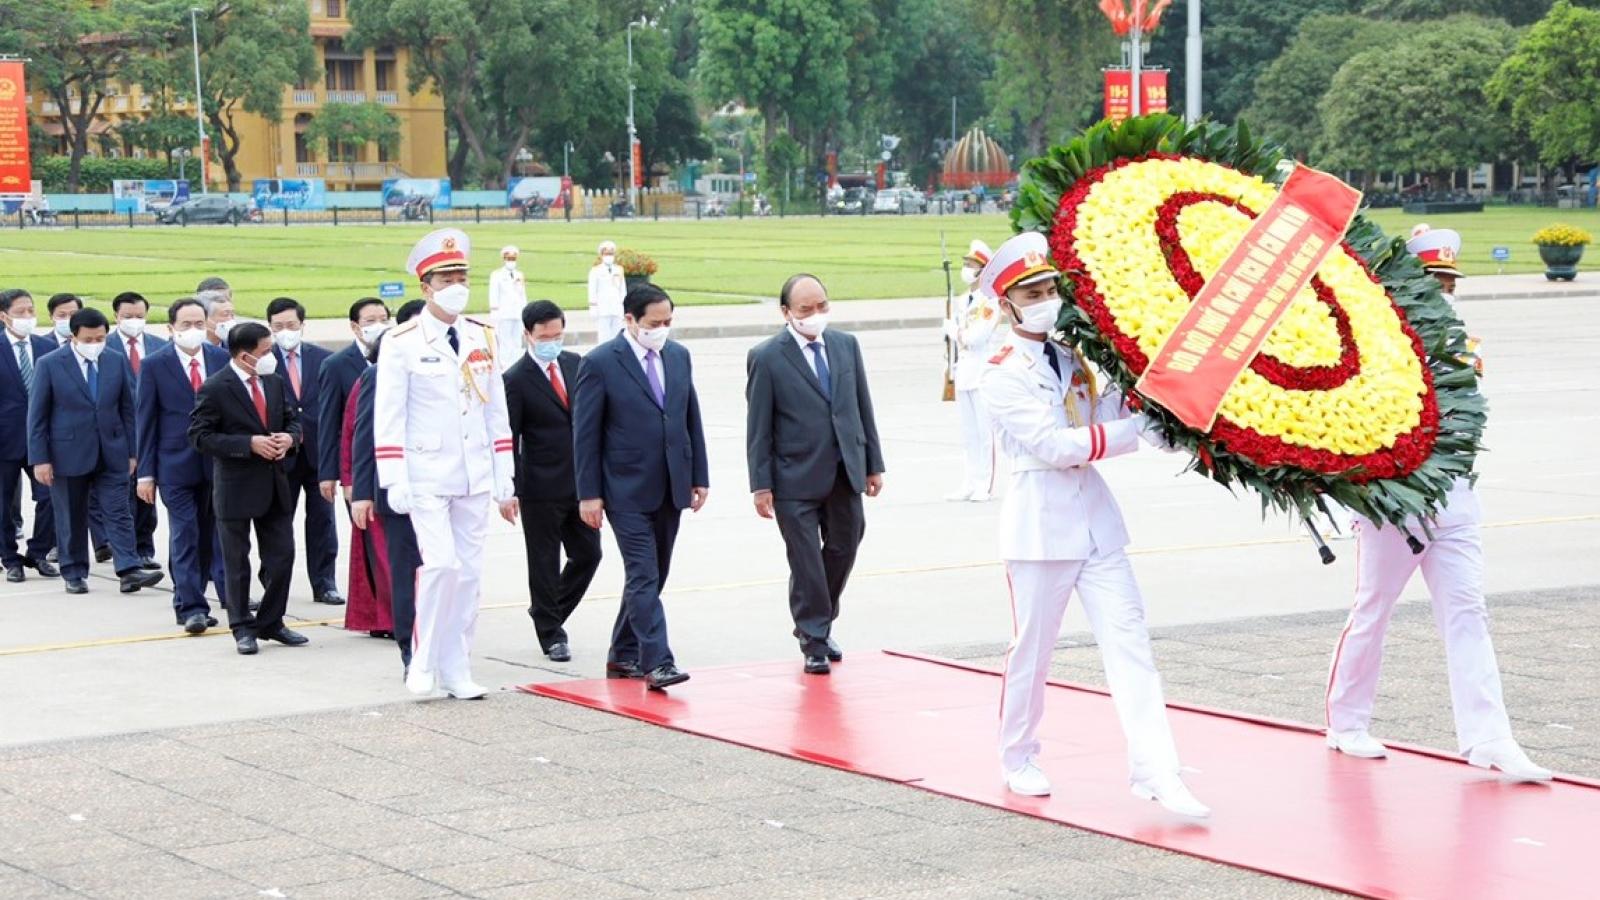 Đoàn đại biểu lãnh đạo Đảng, Nhà nước vào Lăng viếng Chủ tịch Hồ Chí Minh